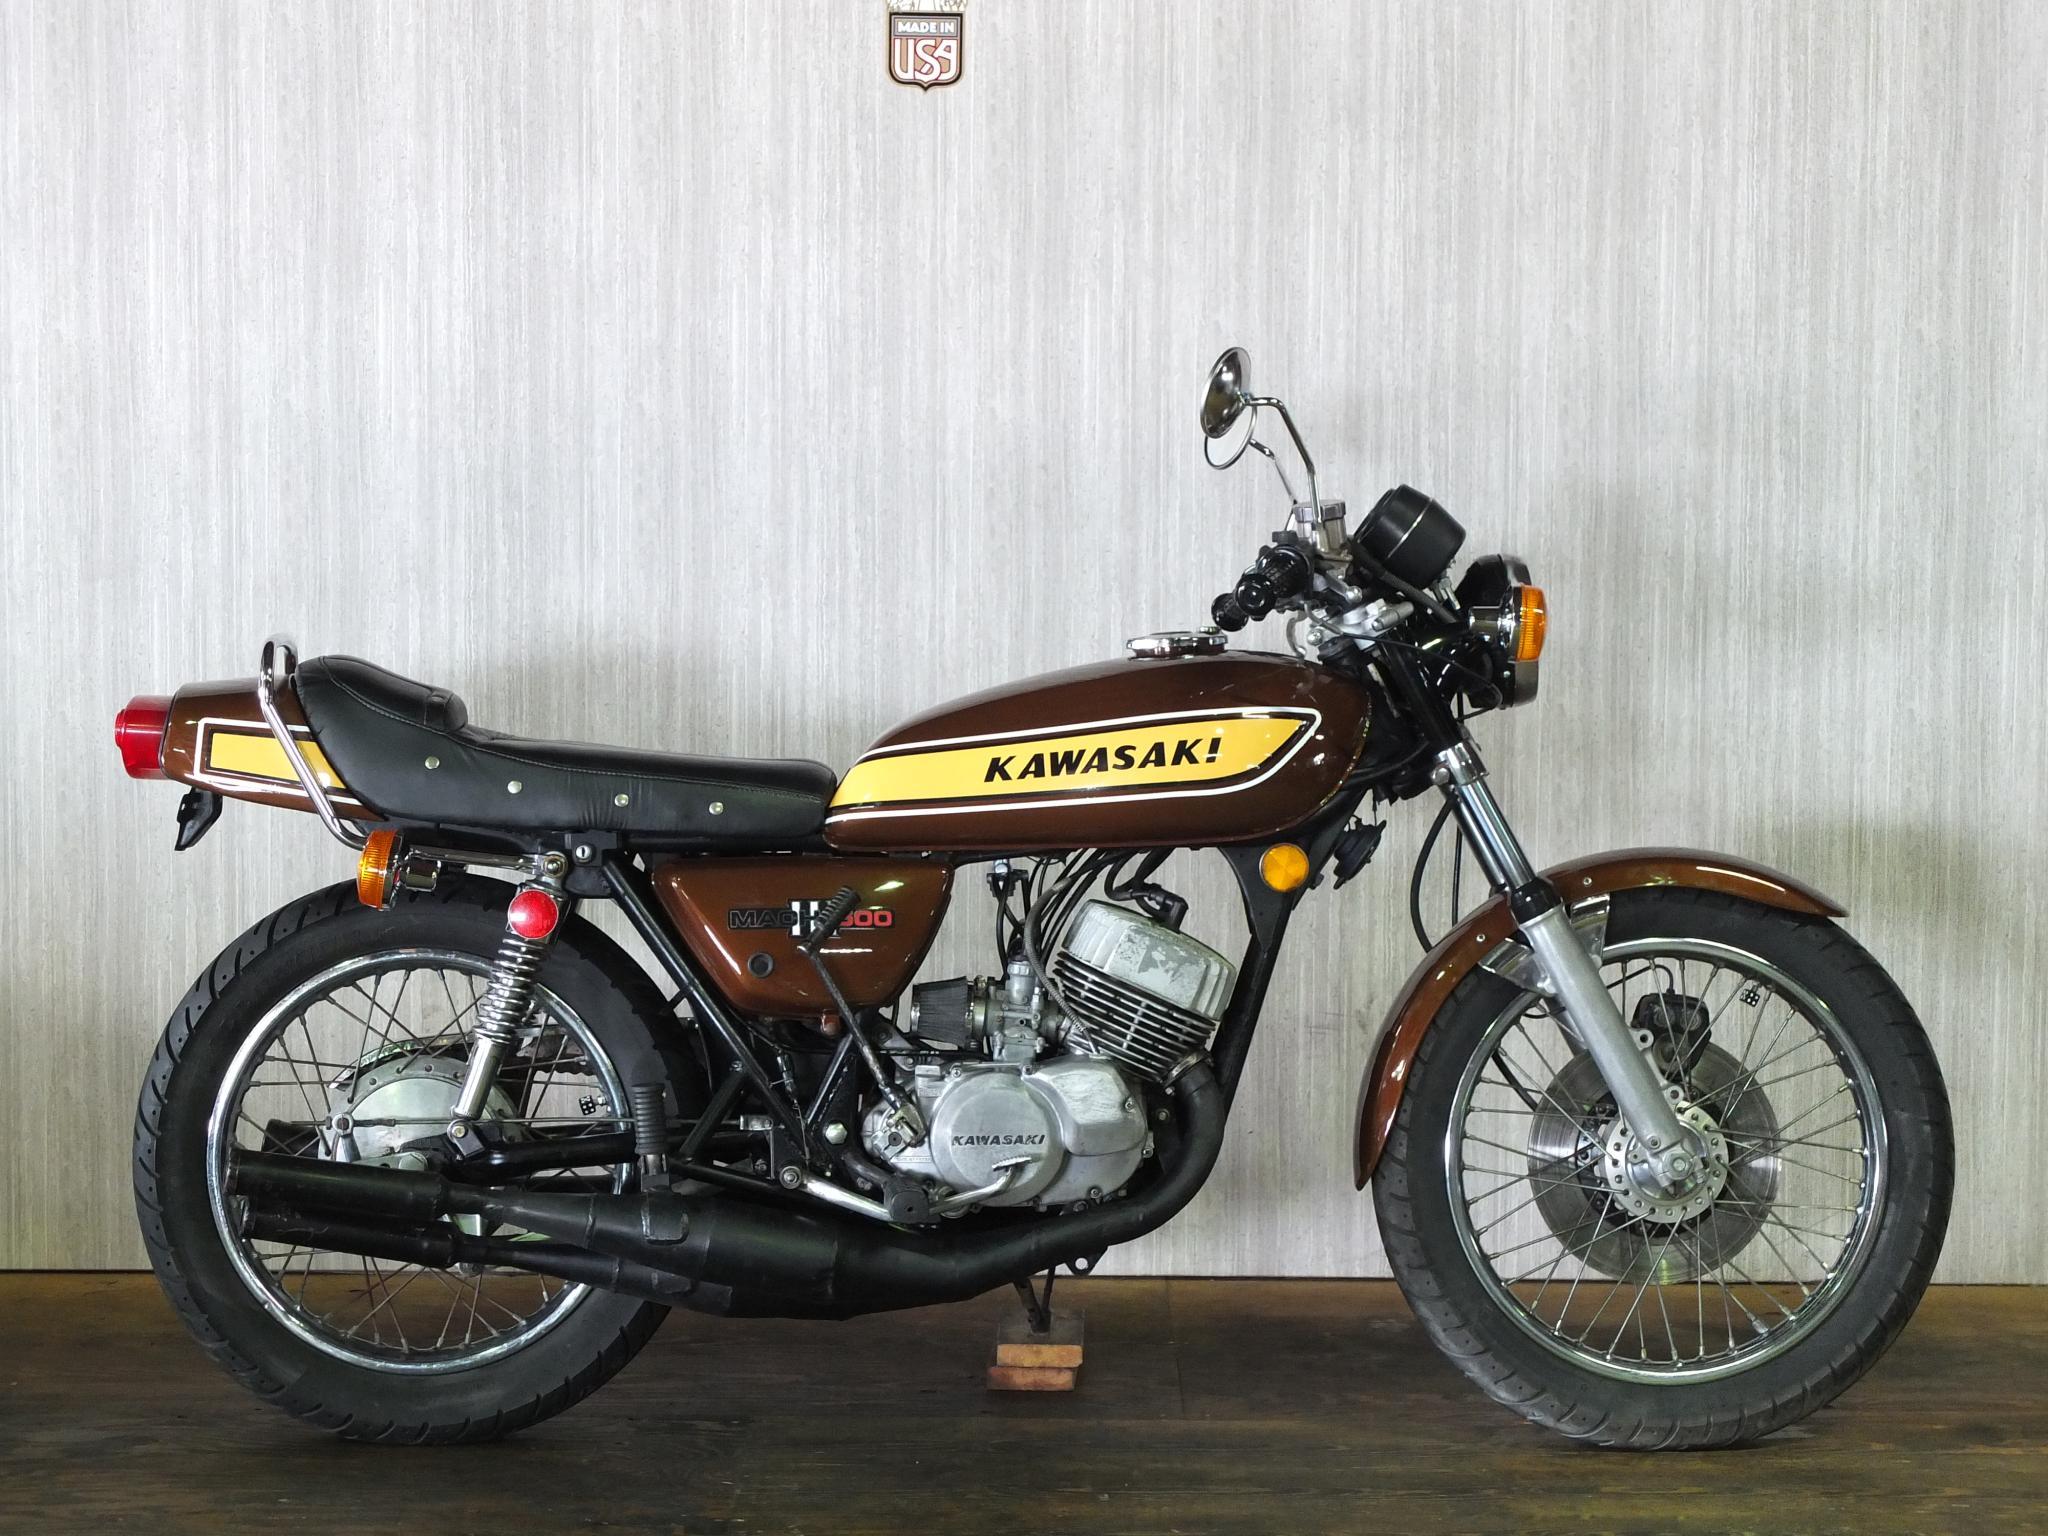 カワサキ 1975 Kawasaki SS500 車体写真1